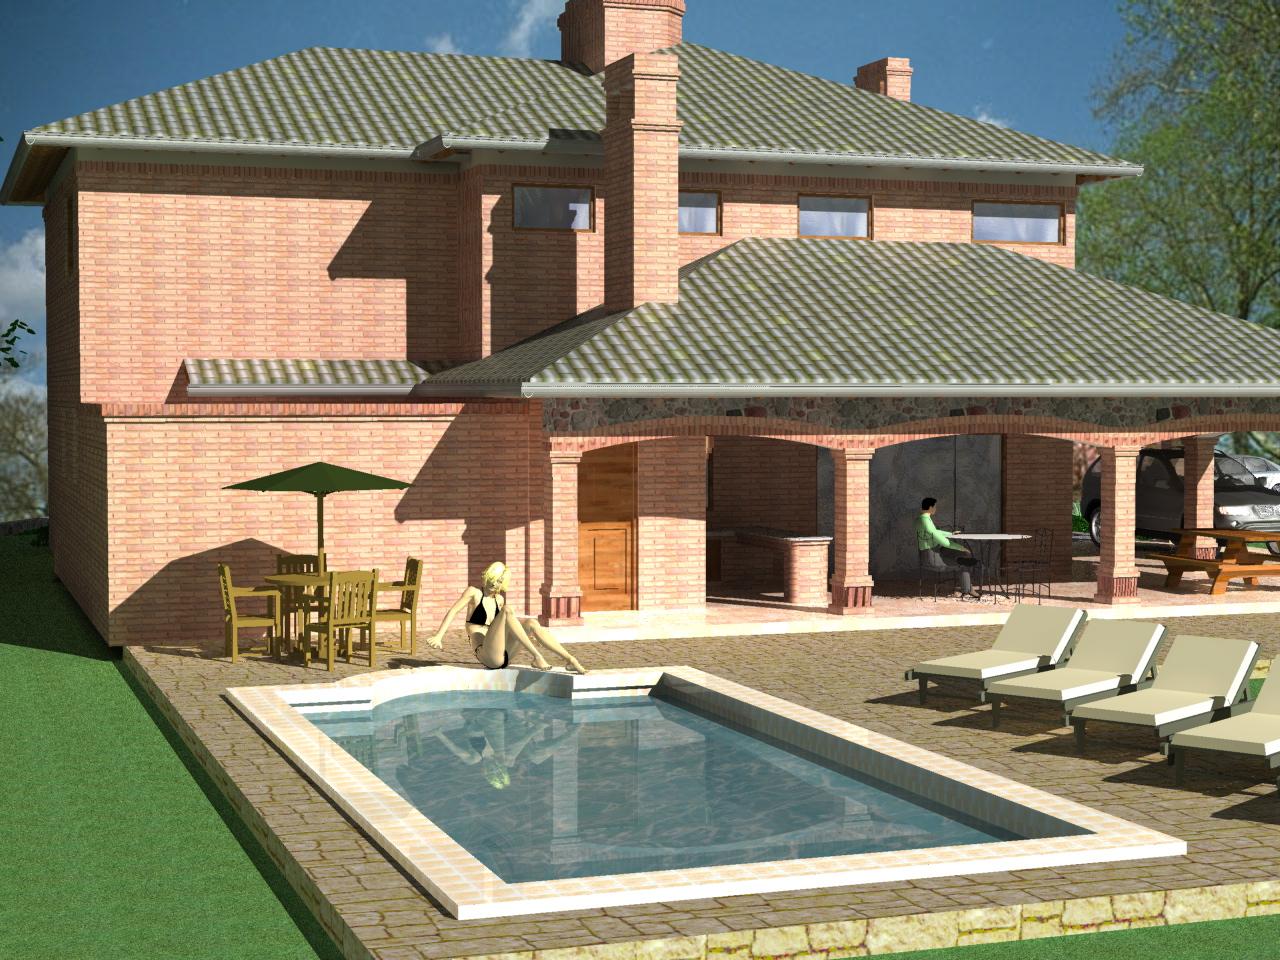 3d vivienda gonz lez to anez for Construccion de piscinas en paraguay